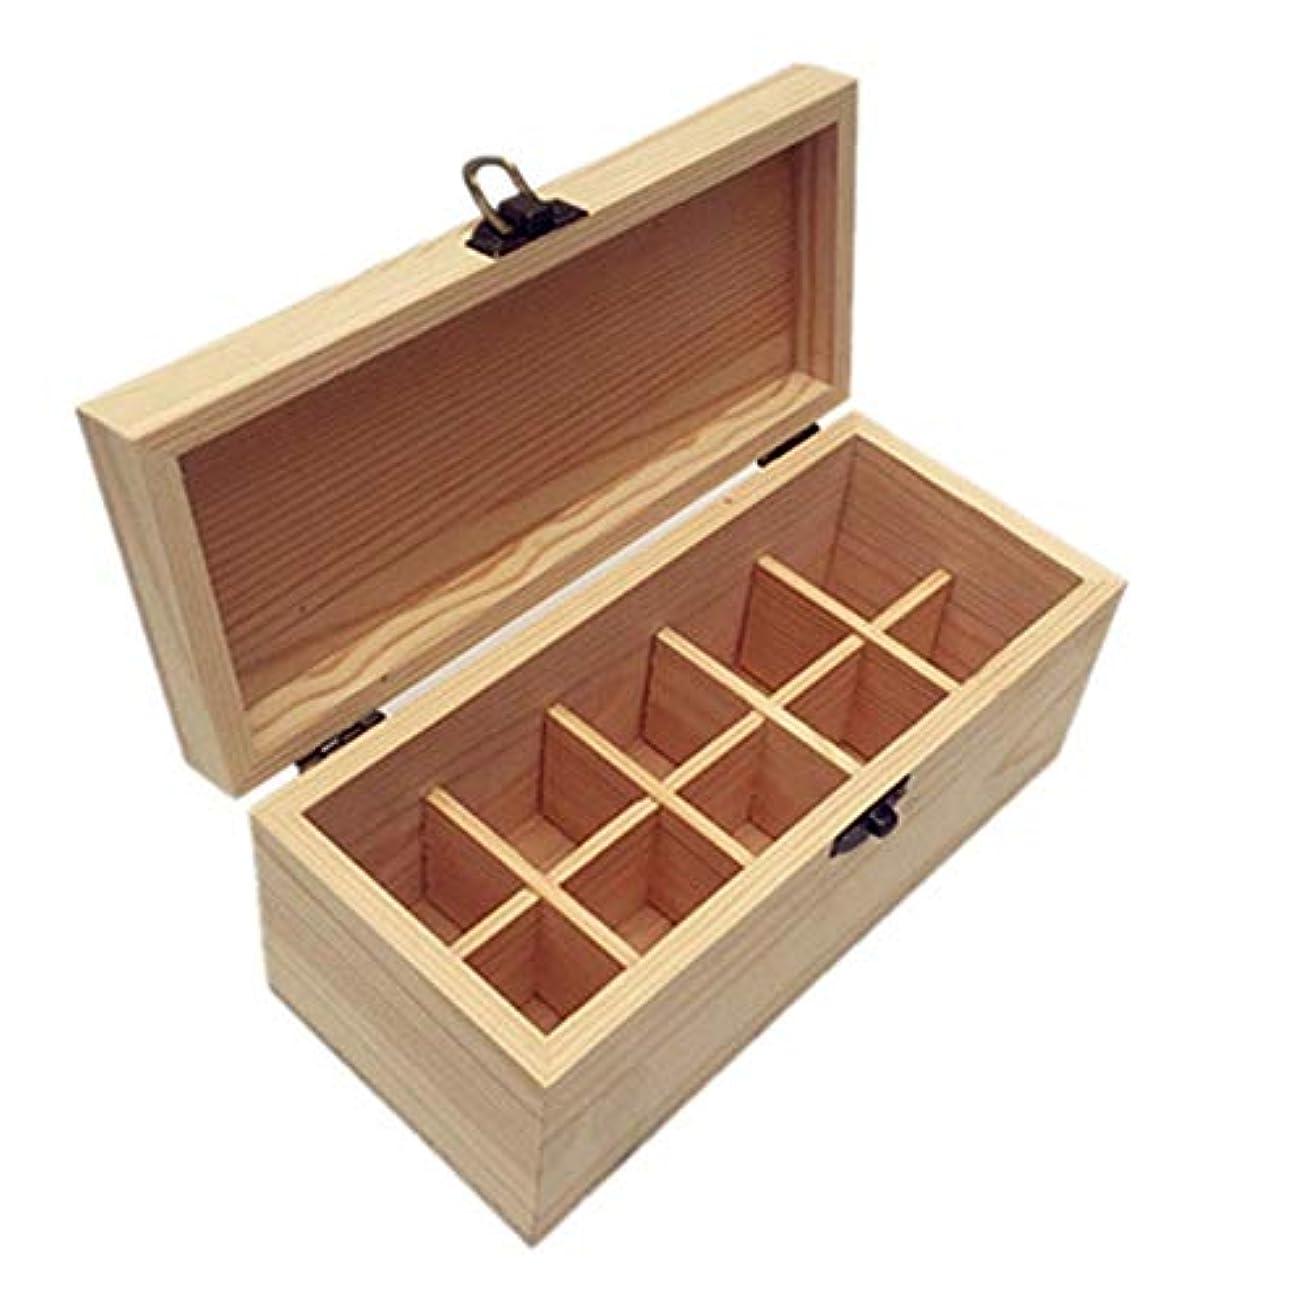 ハンディ五弱まるエッセンシャルオイル収納ボックス アロマ油の10個のスロット木製のエッセンシャルオイルストレージボックスオーガナイザーは21.2x9.5x9cmボトル ポータブル収納ボックス (色 : Natural, サイズ : 21.2X9.5X9CM)